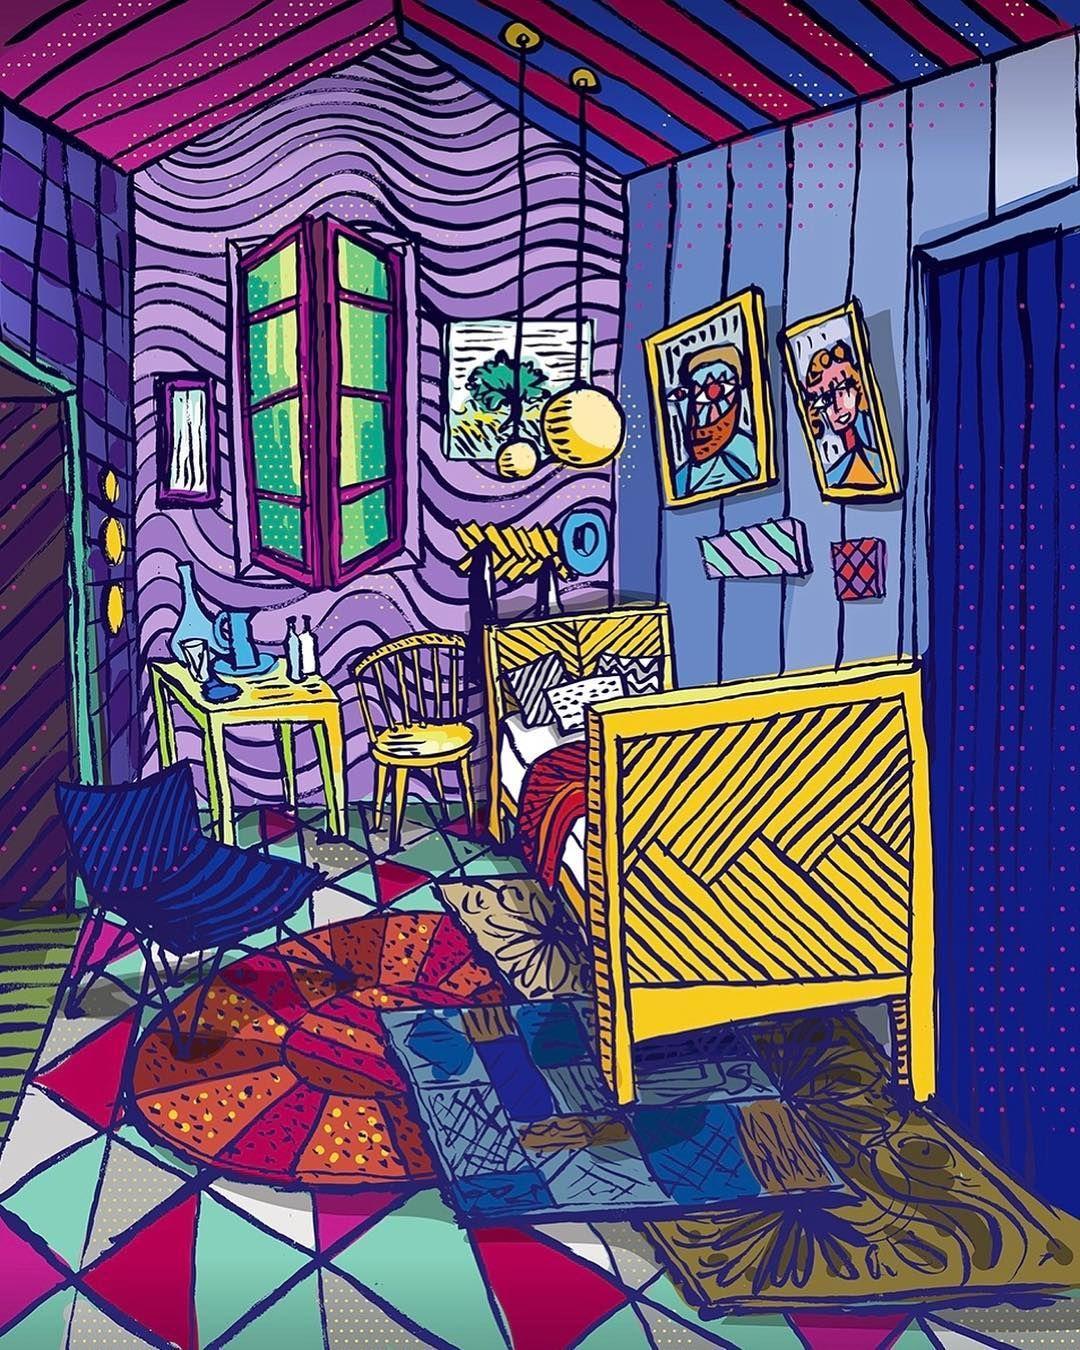 La Habitación De Van Gogh Al Estilo Limón Vangogh Claudiolimon Van Gogh Arte Van Gogh Fotos De Luna Llena